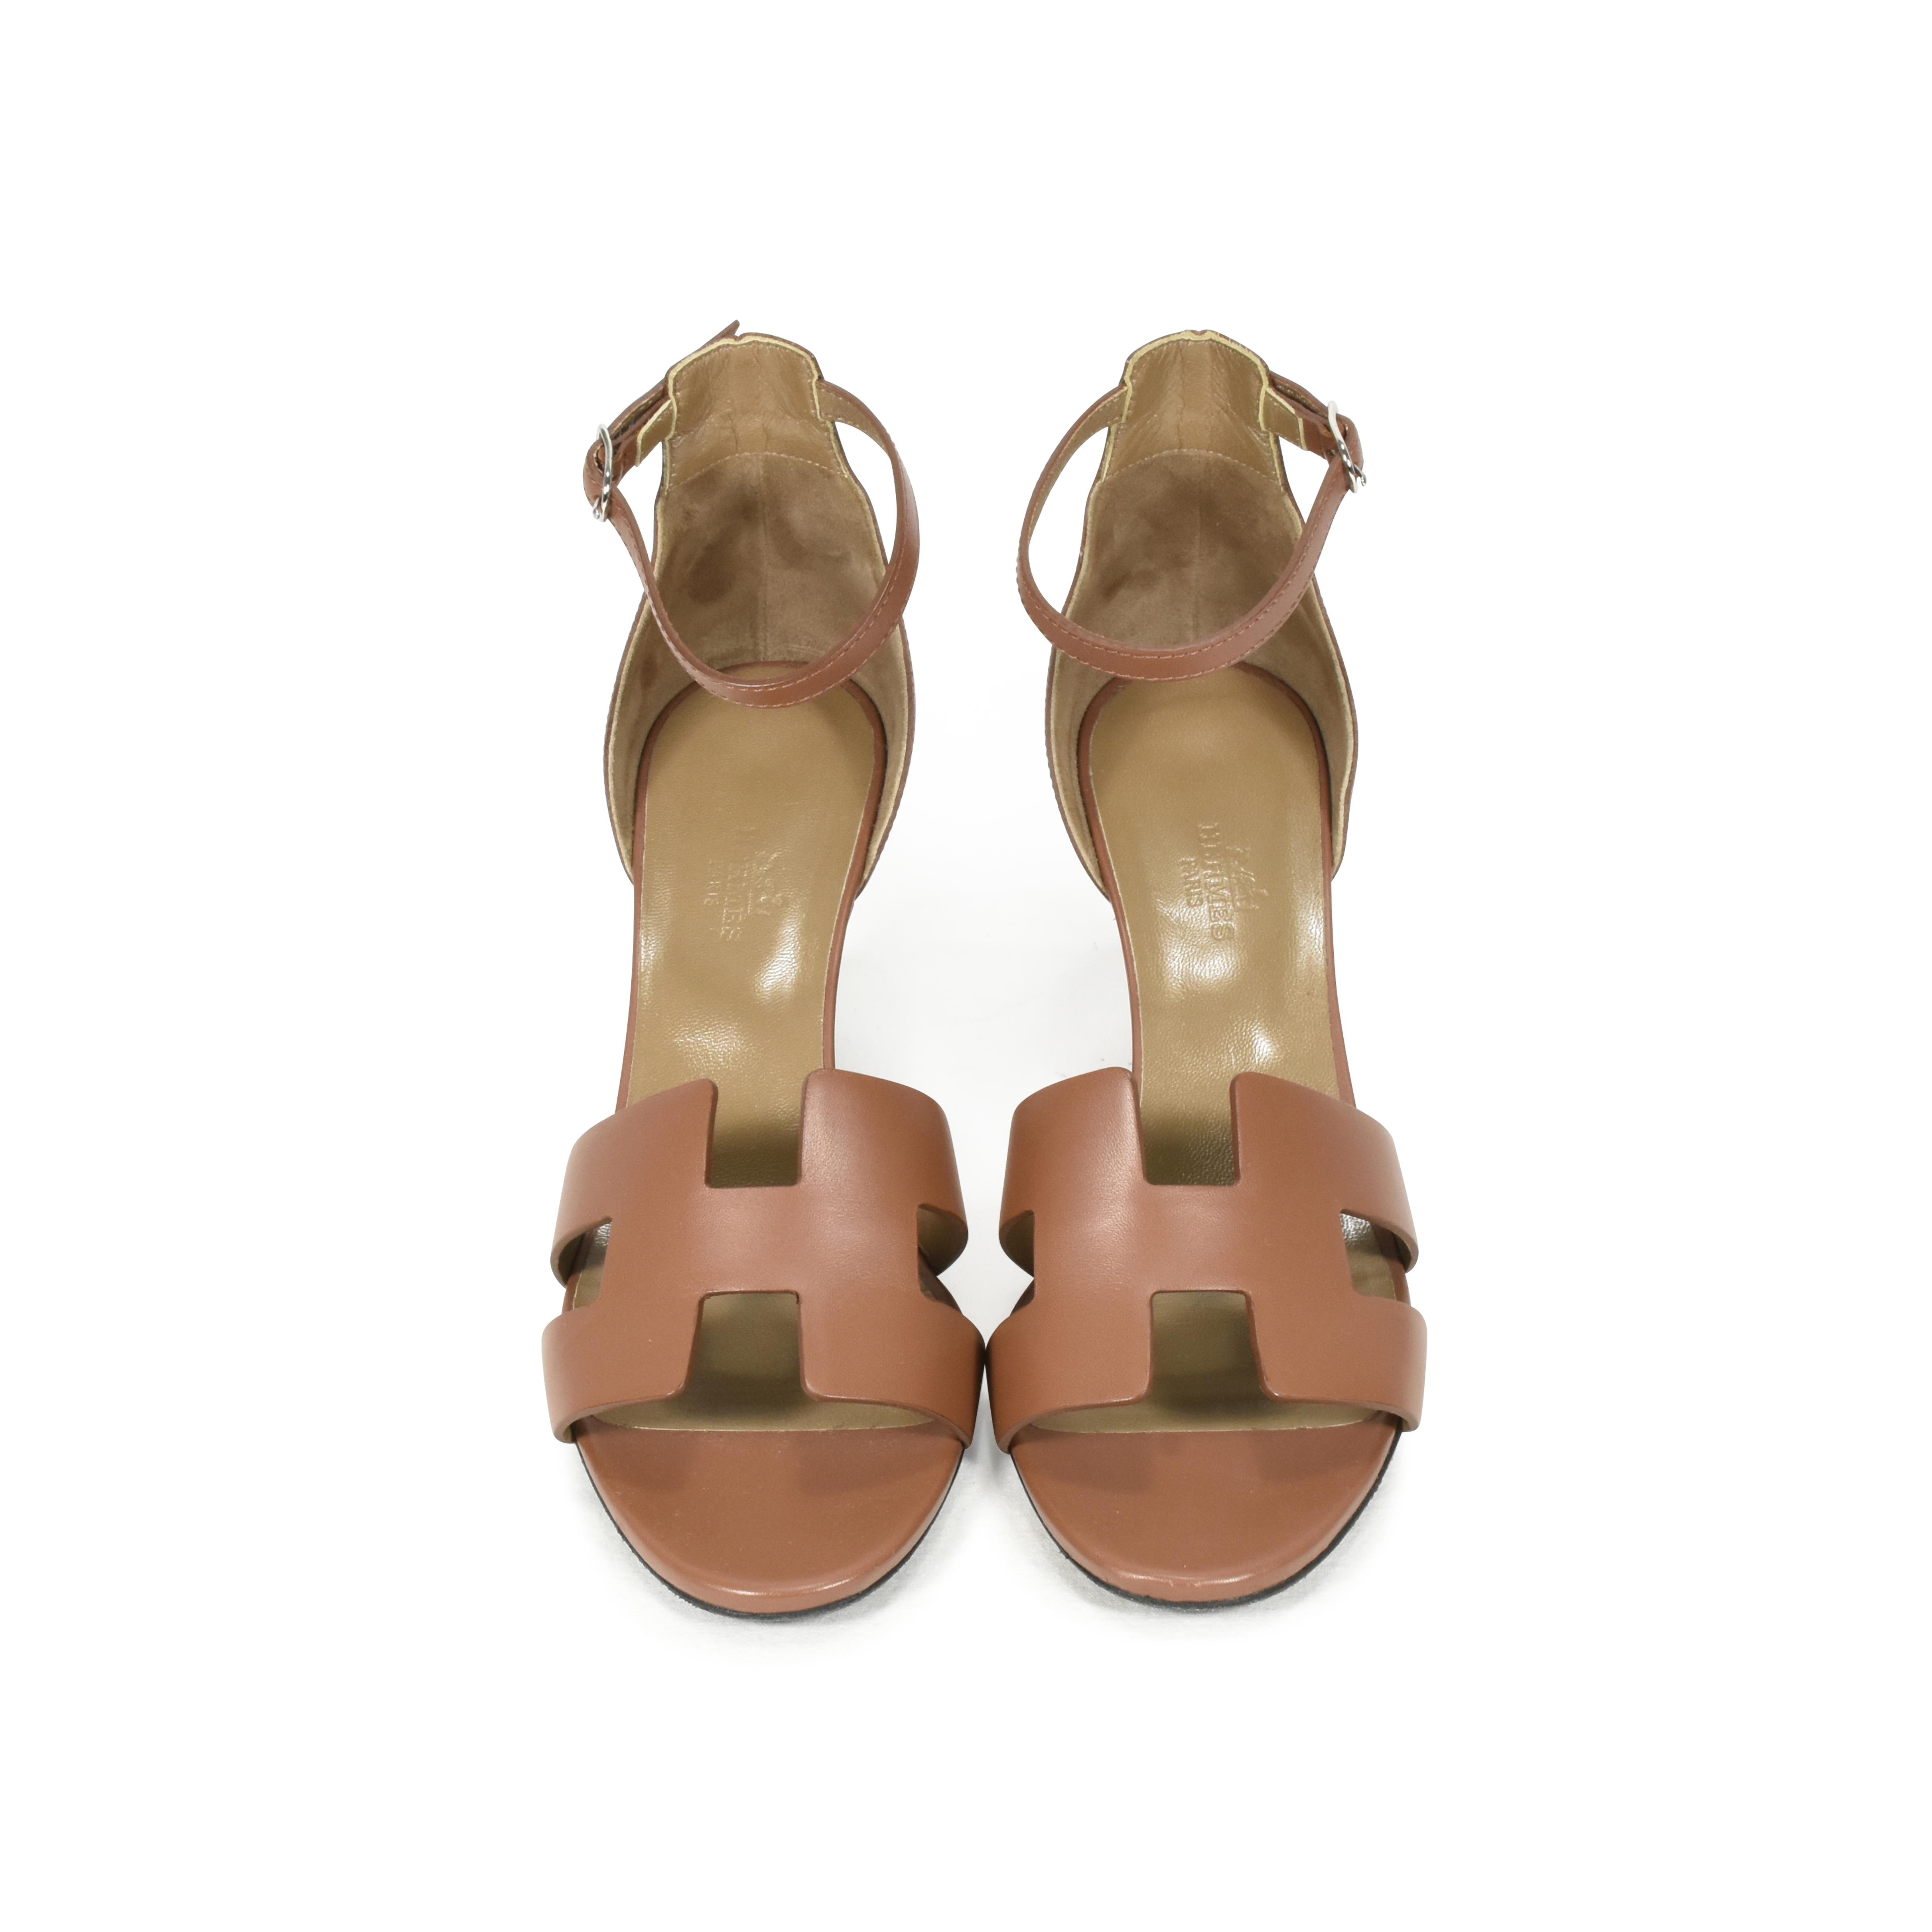 c657c076e617 Authentic Second Hand Hermès Legend Wedge Sandals (PSS-051-00179 ...